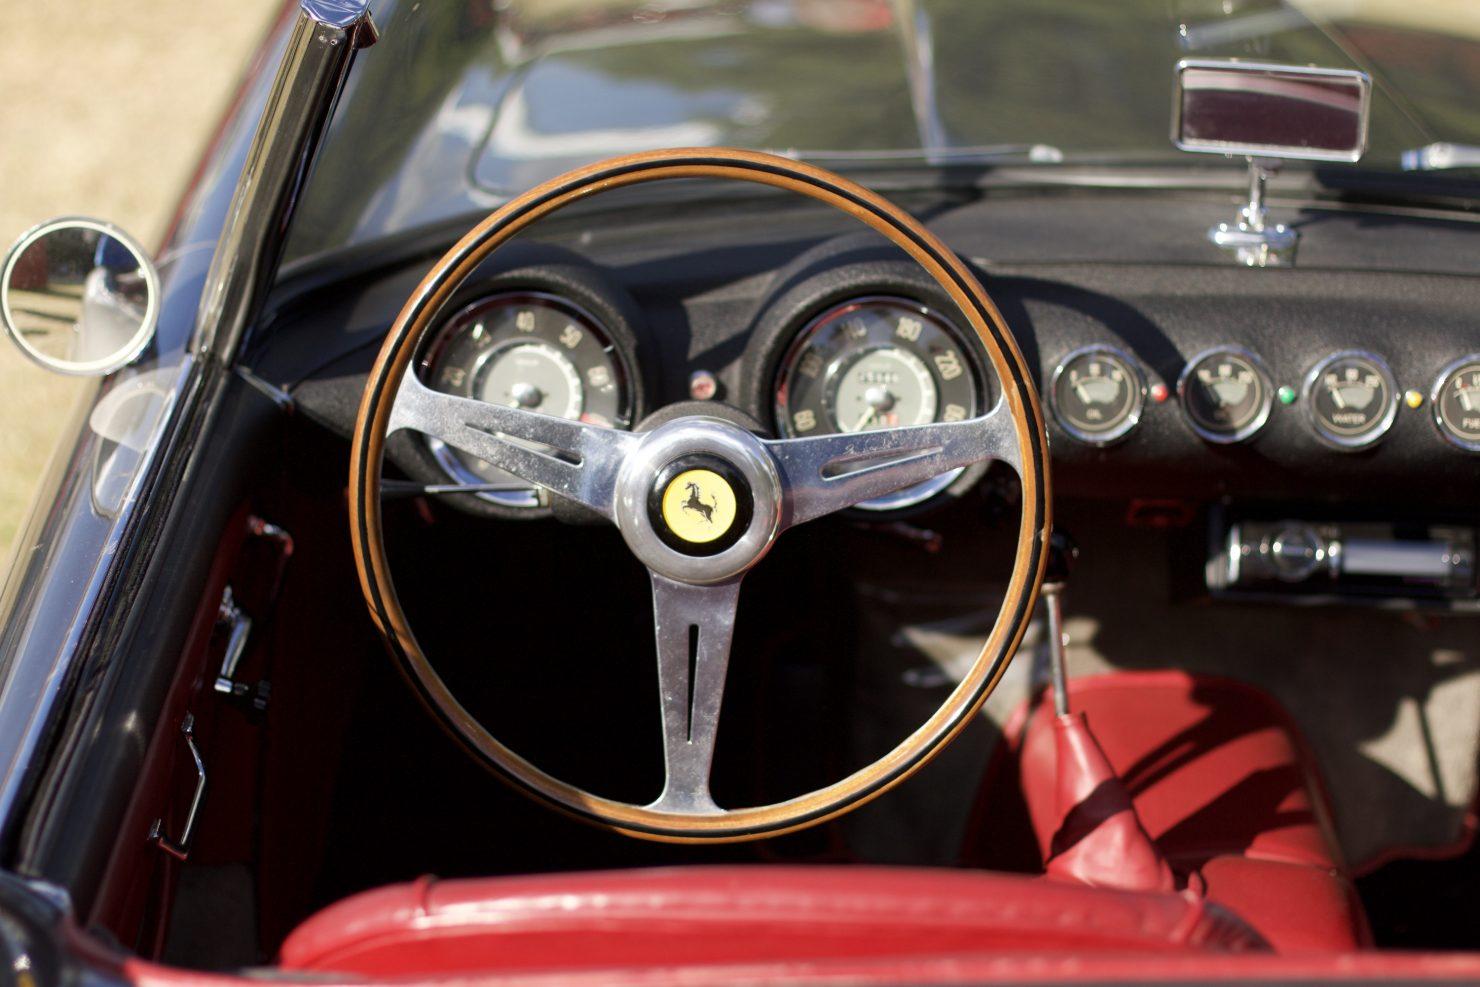 1957 Ferrari 250 GT Pininfarina Cabriolet Series I 1480x987 - Cockpits of Goodwood